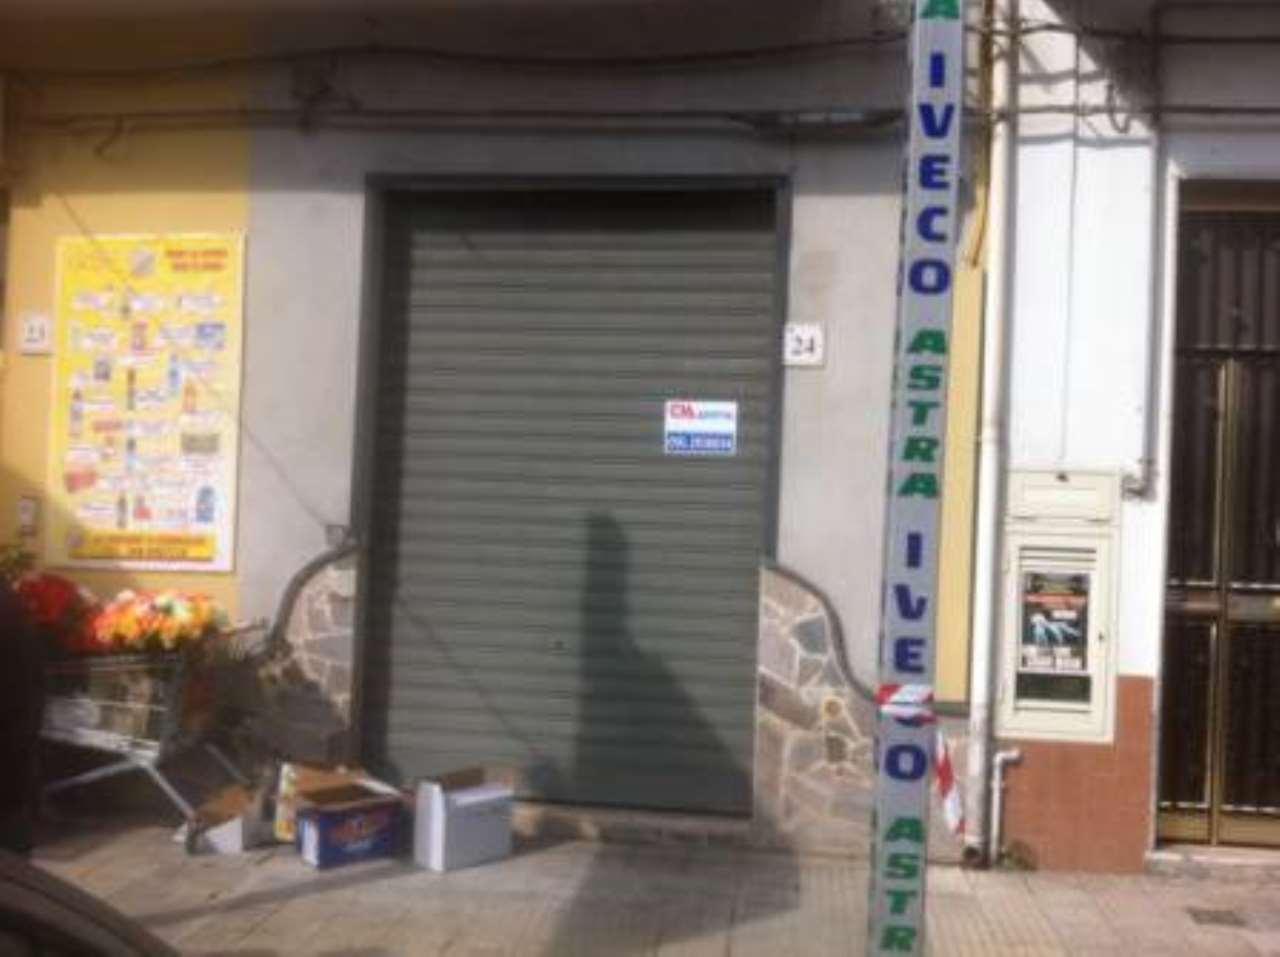 Negozio / Locale in affitto a Barcellona Pozzo di Gotto, 1 locali, prezzo € 700 | CambioCasa.it